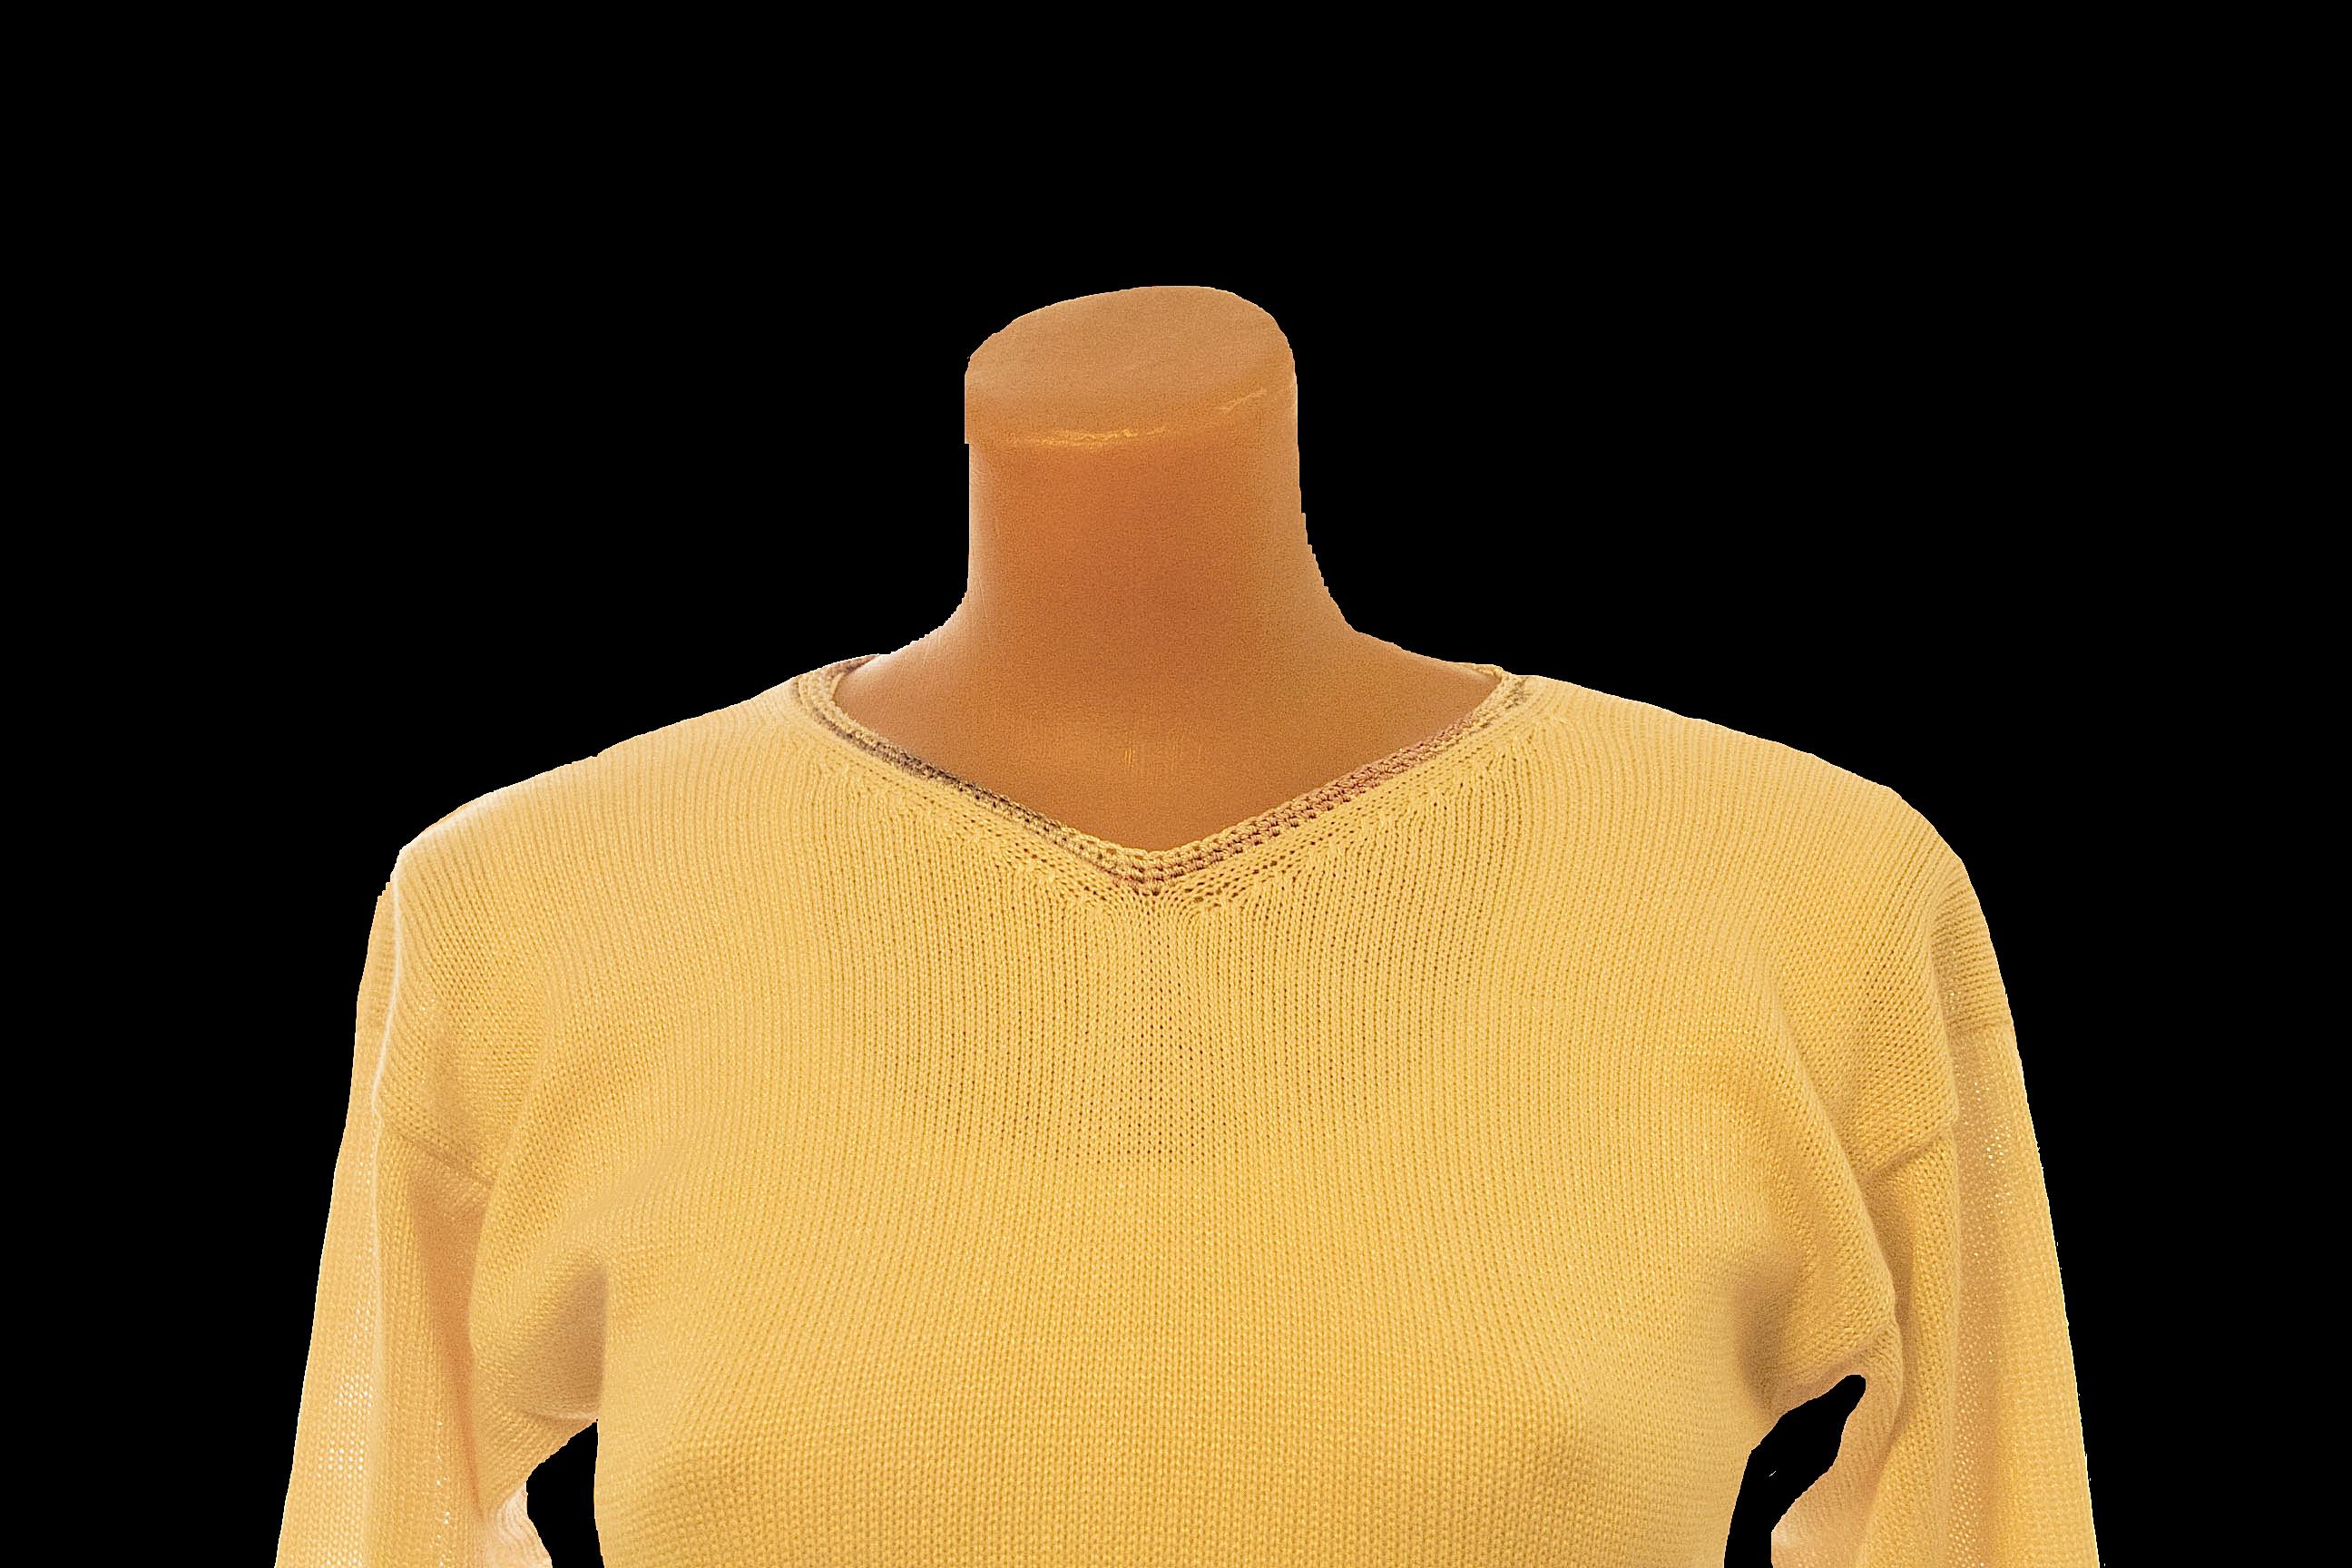 джемпер вязаный свитер женский бежевый авторский полувер дизайн